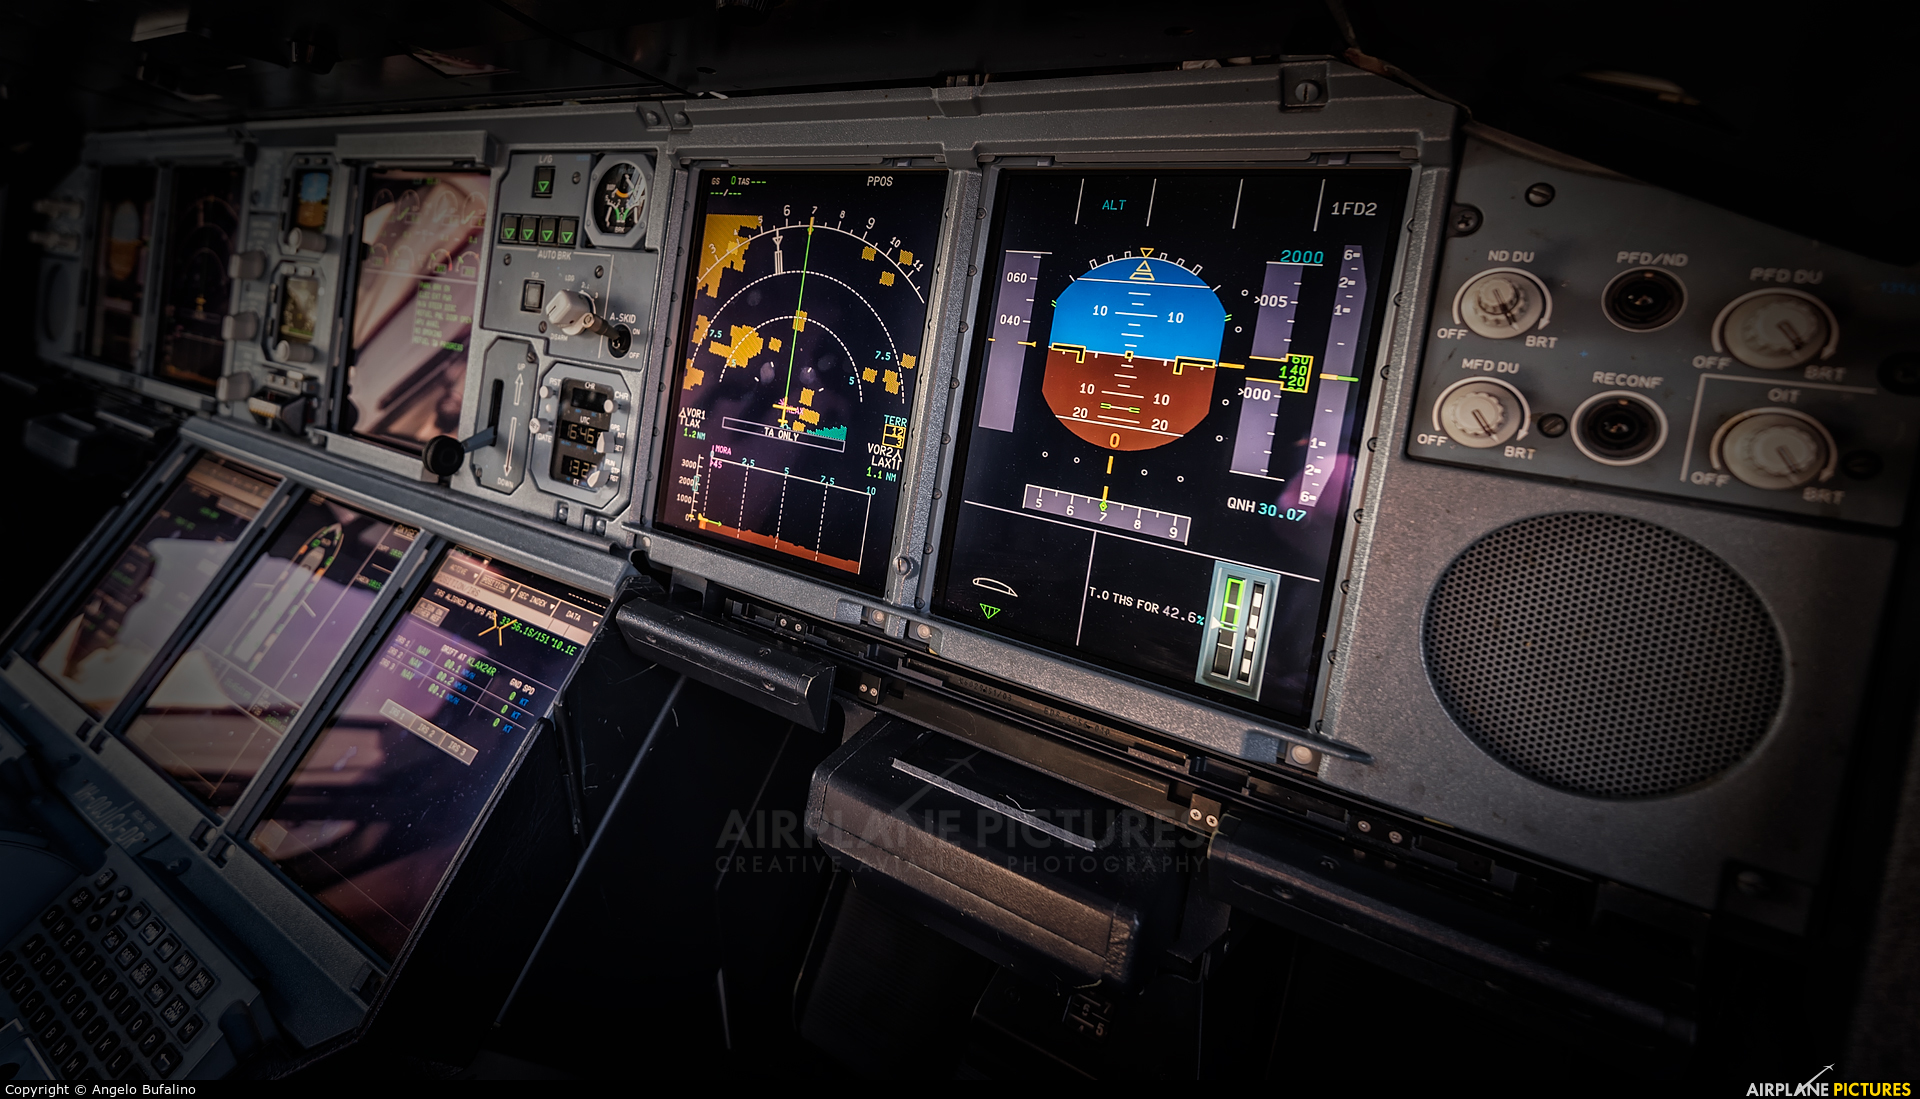 QANTAS VH-OQJ aircraft at Los Angeles Intl